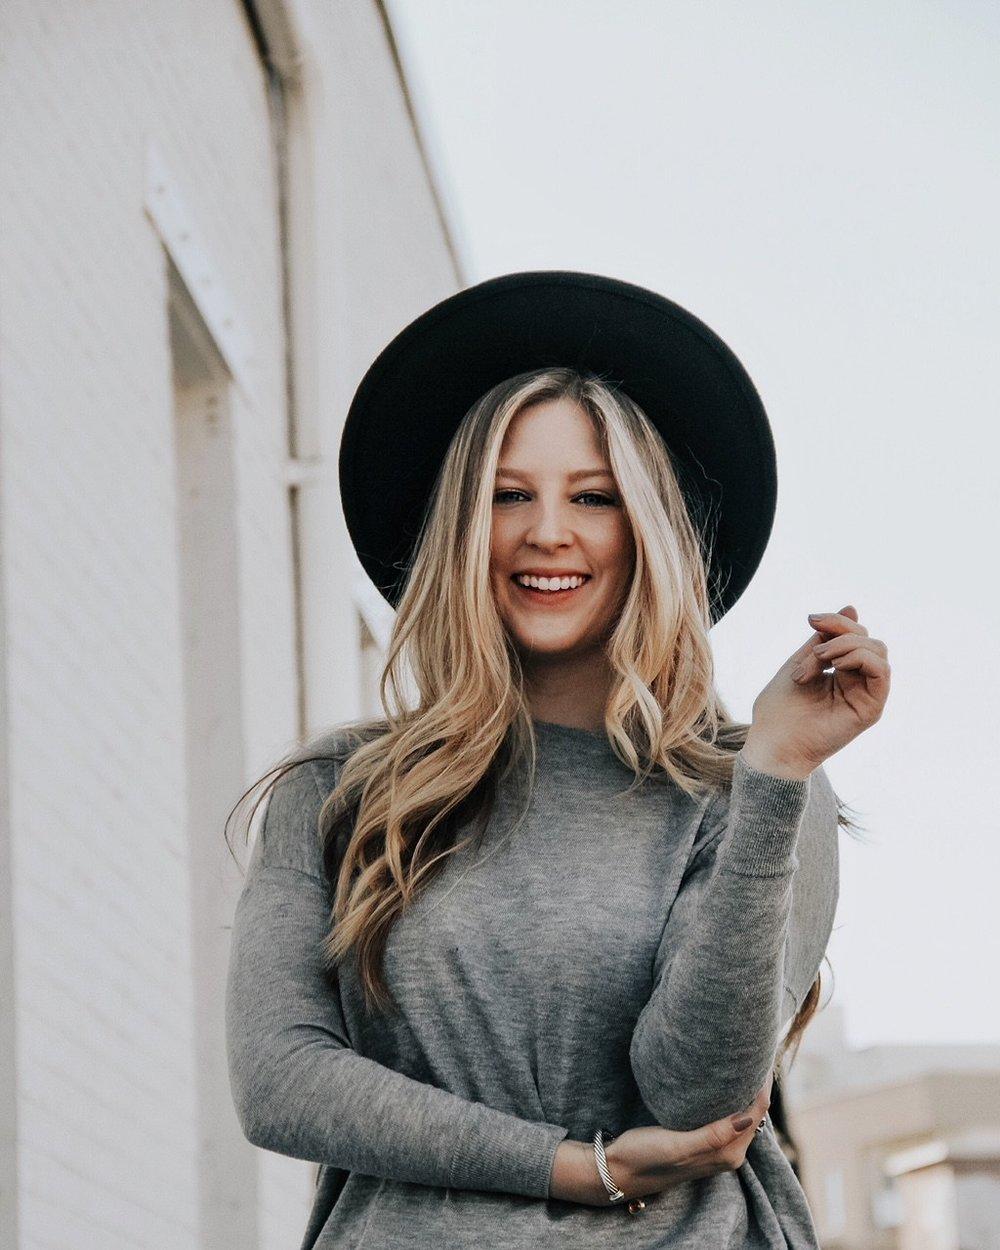 Meet Elizabeth,blogger behind @elizabethpishal